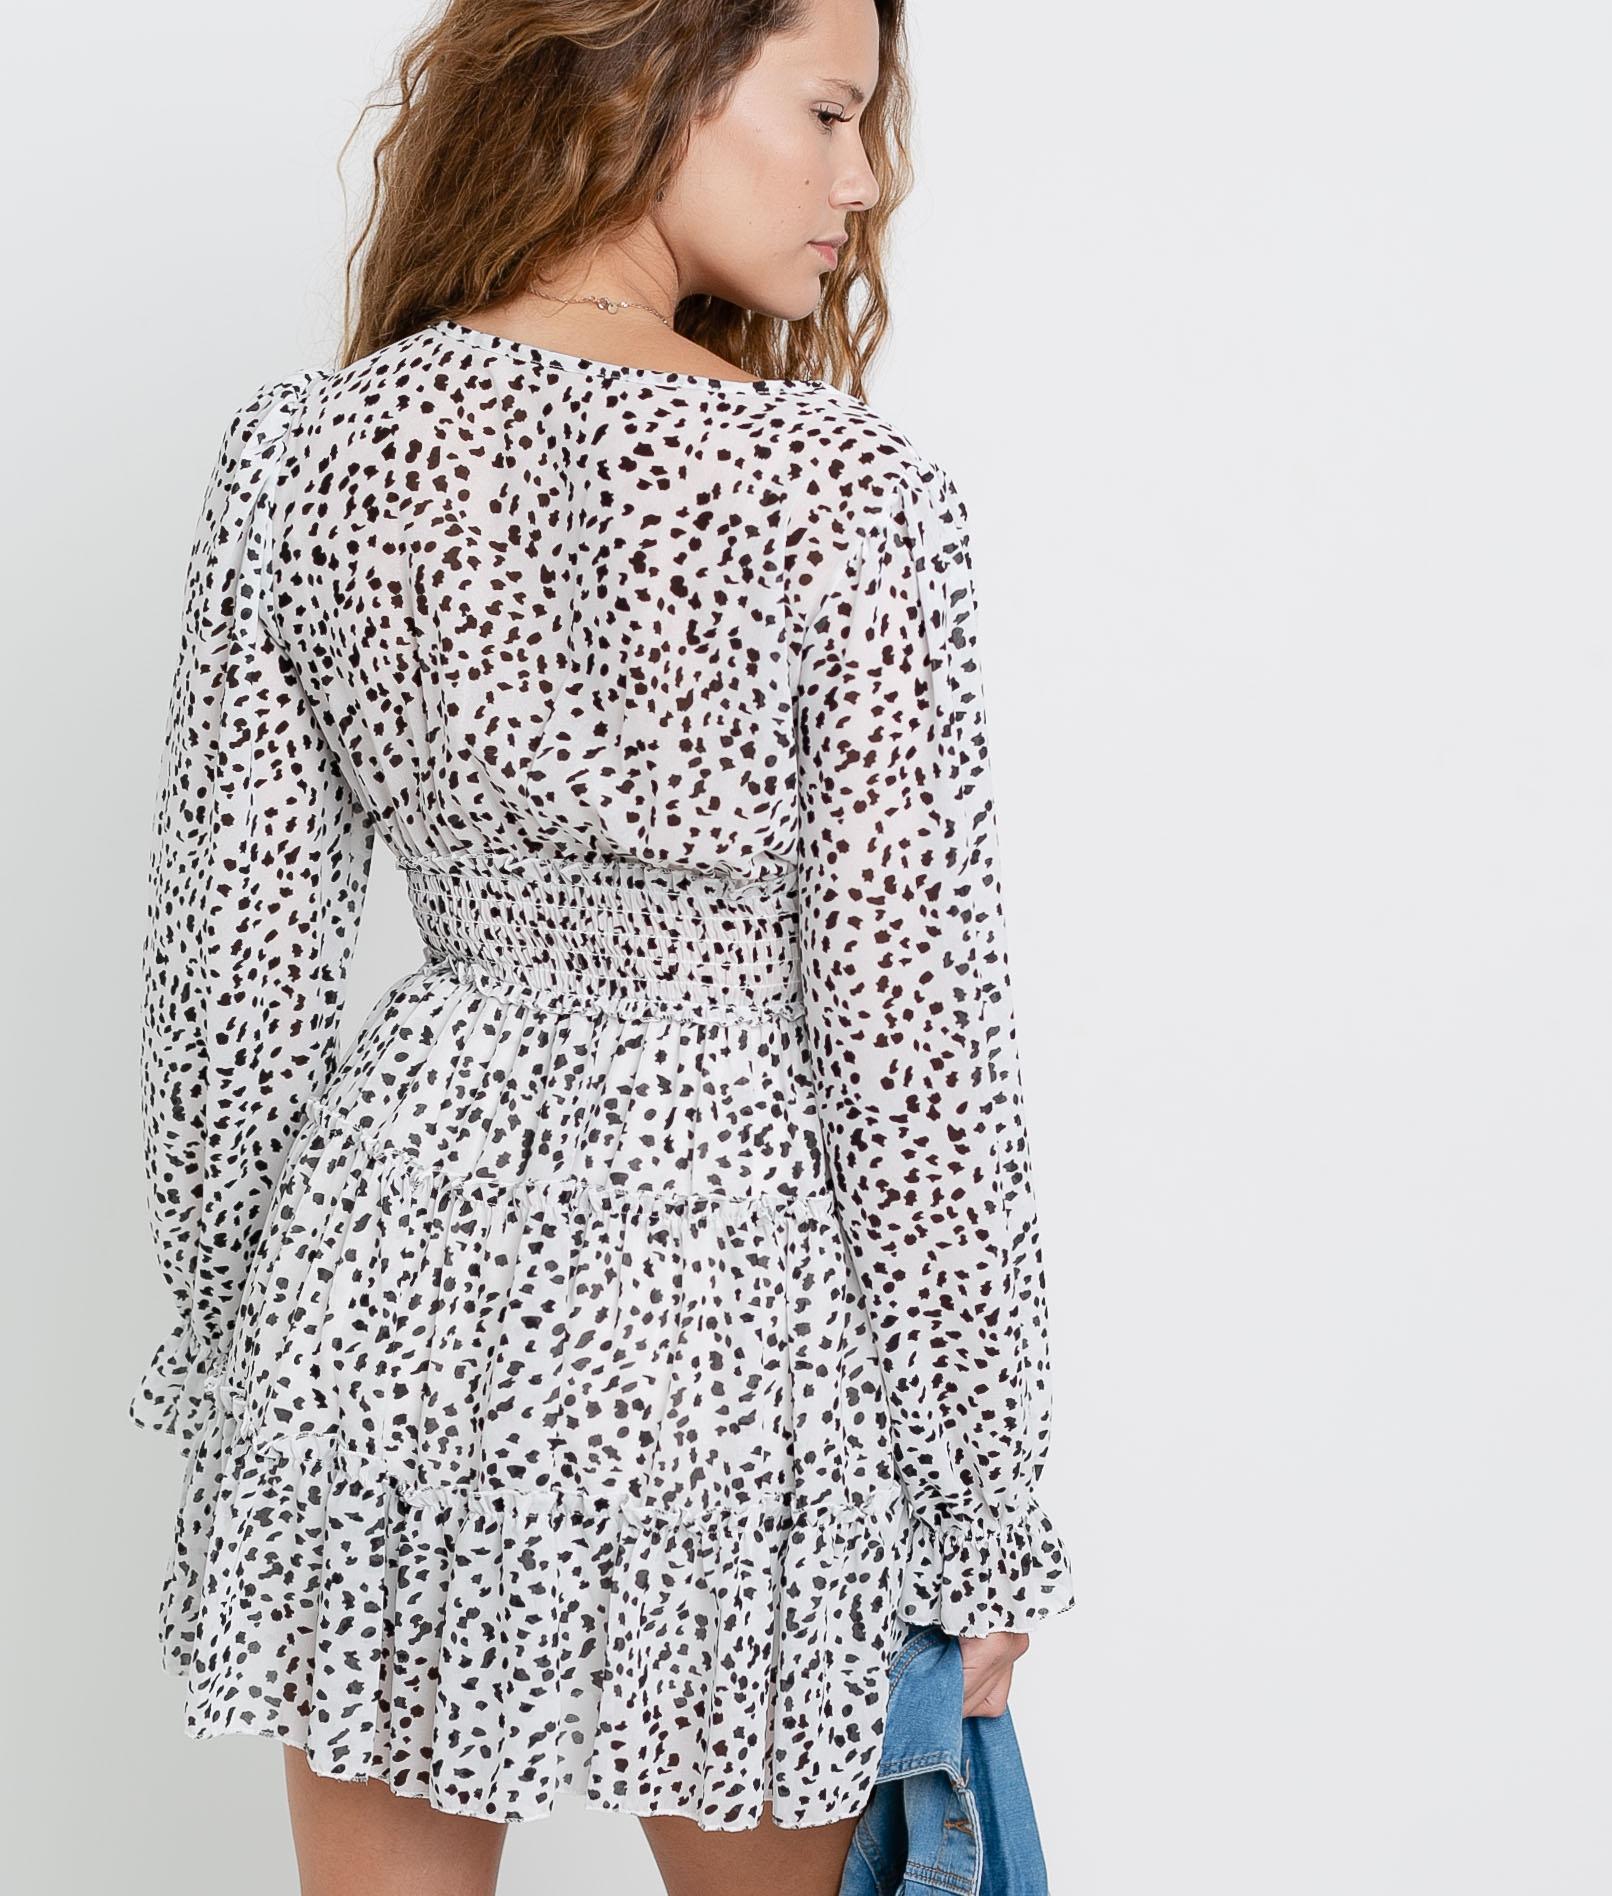 Robe Soger - Blanc/Noir